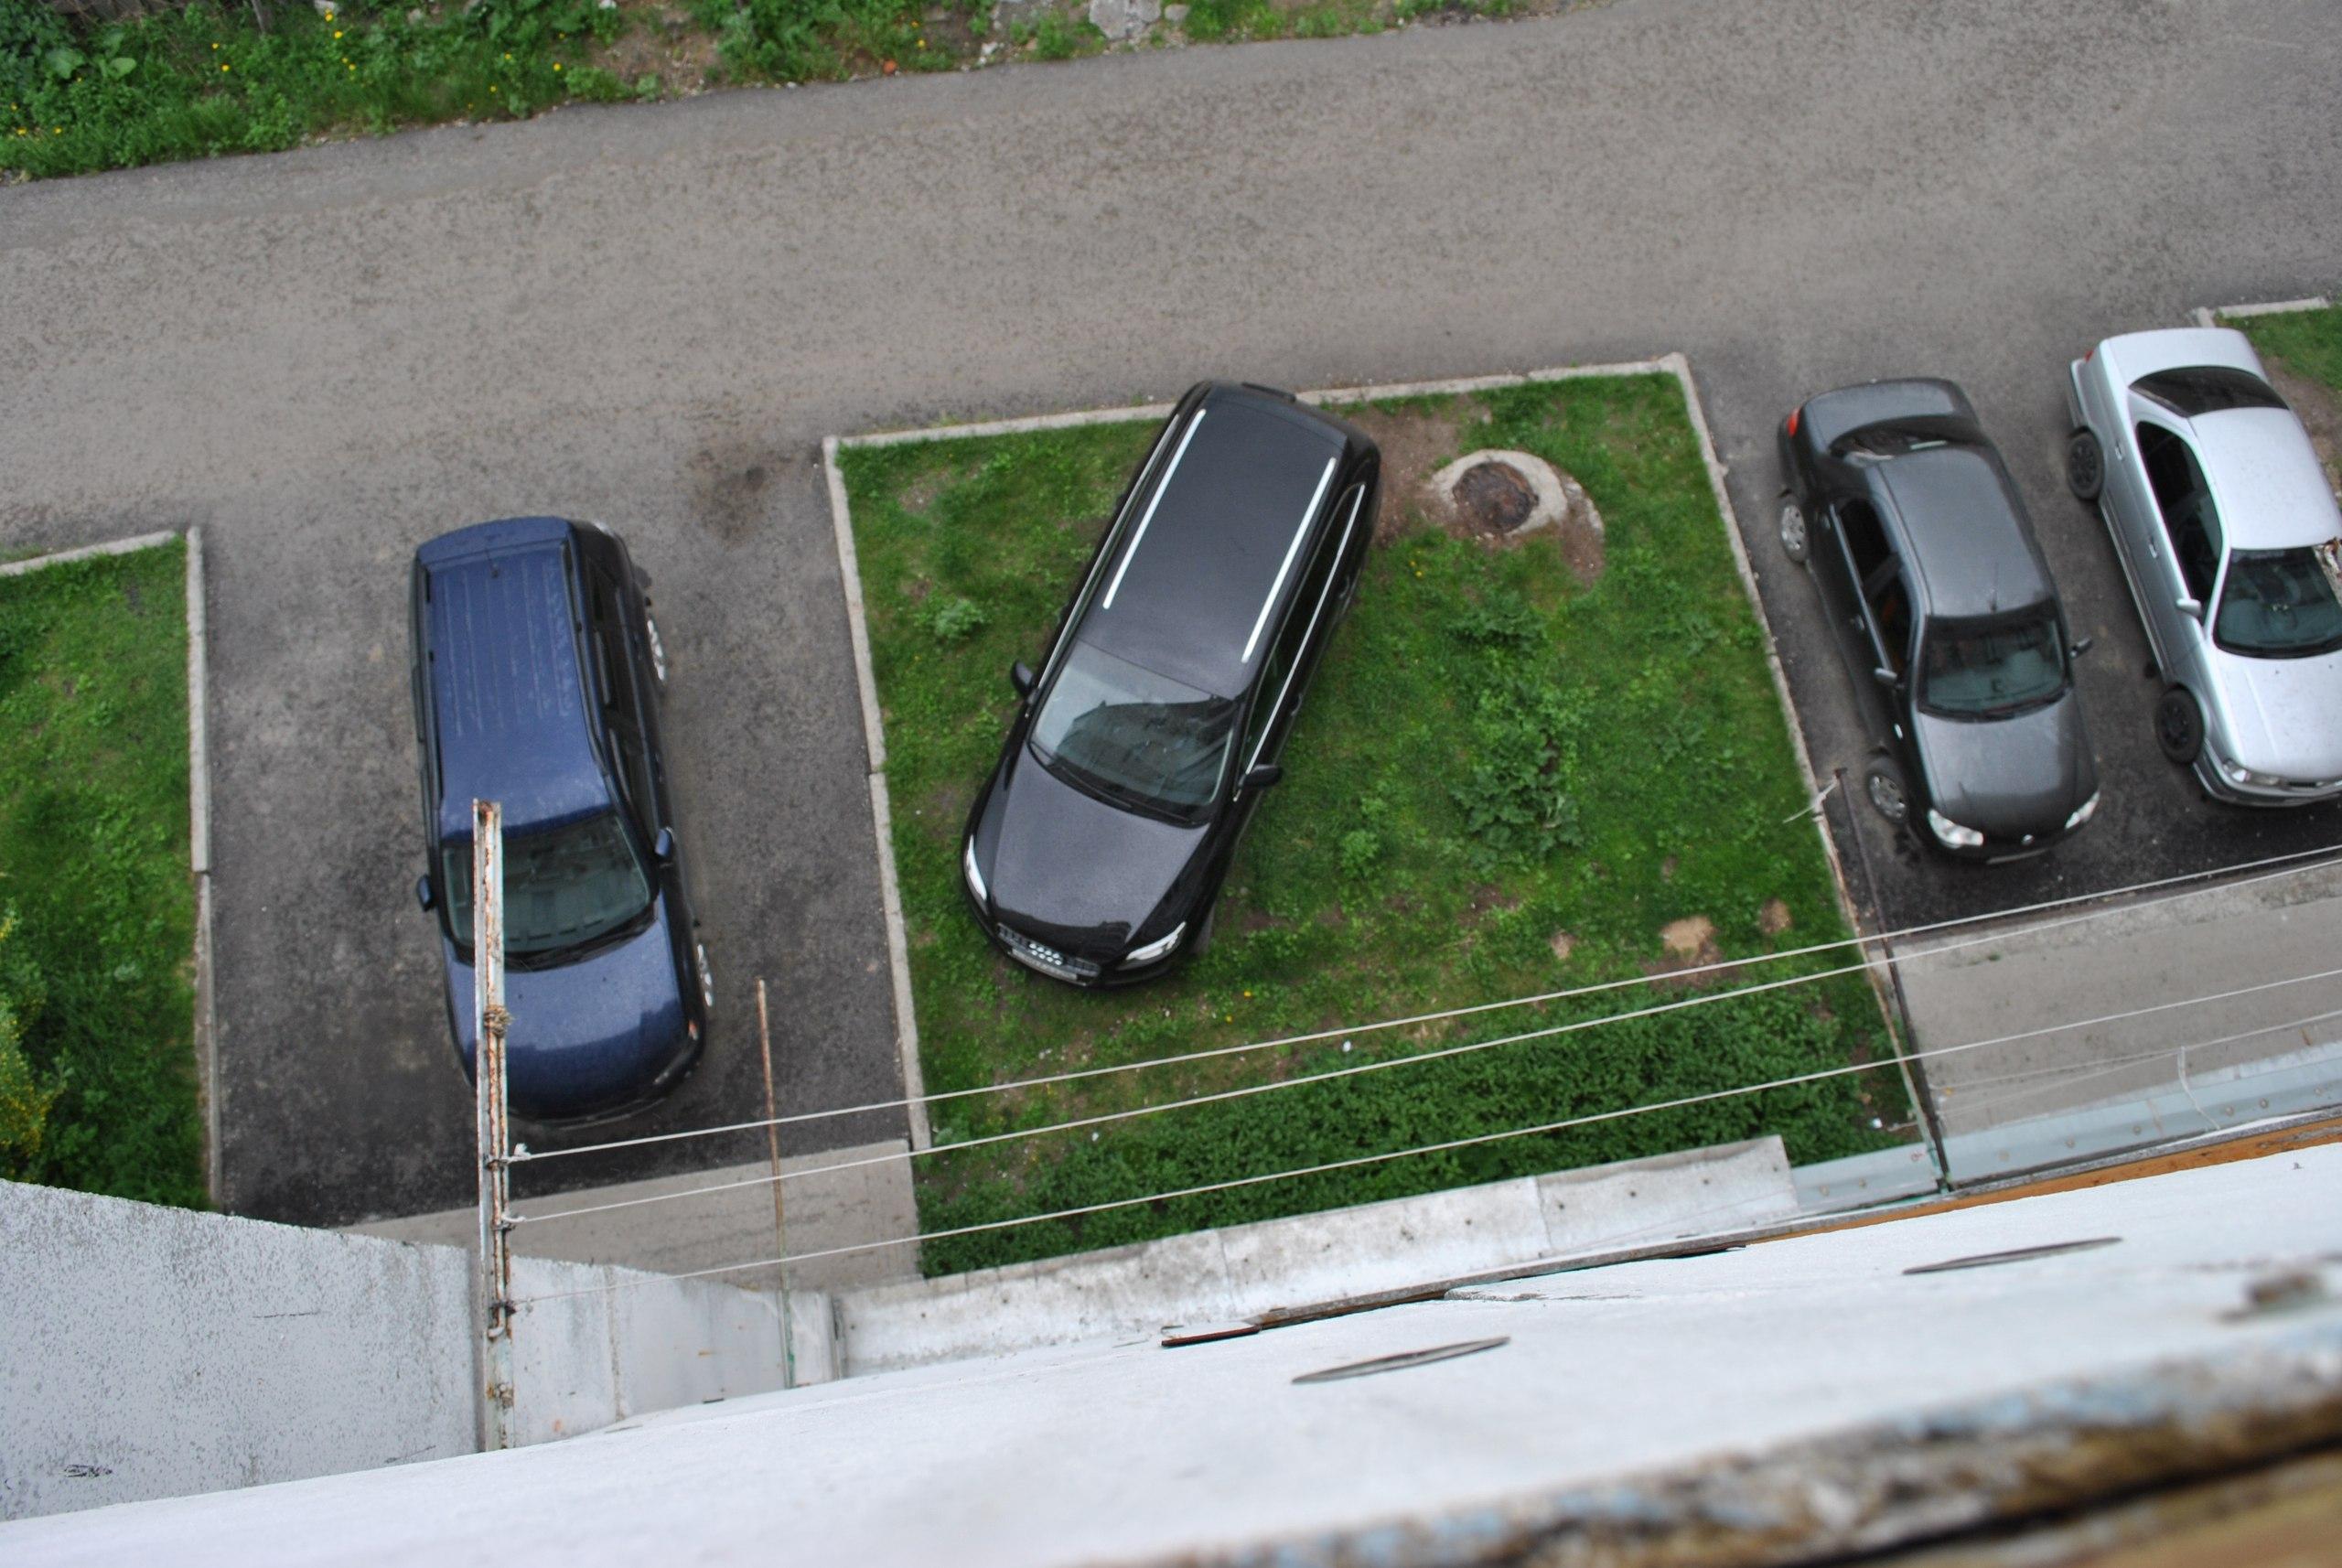 Неправильная парковка в 2018 году — куда жаловаться, фото в ГИБДД, сервис, штраф, во дворе, приложение, КоАП 89